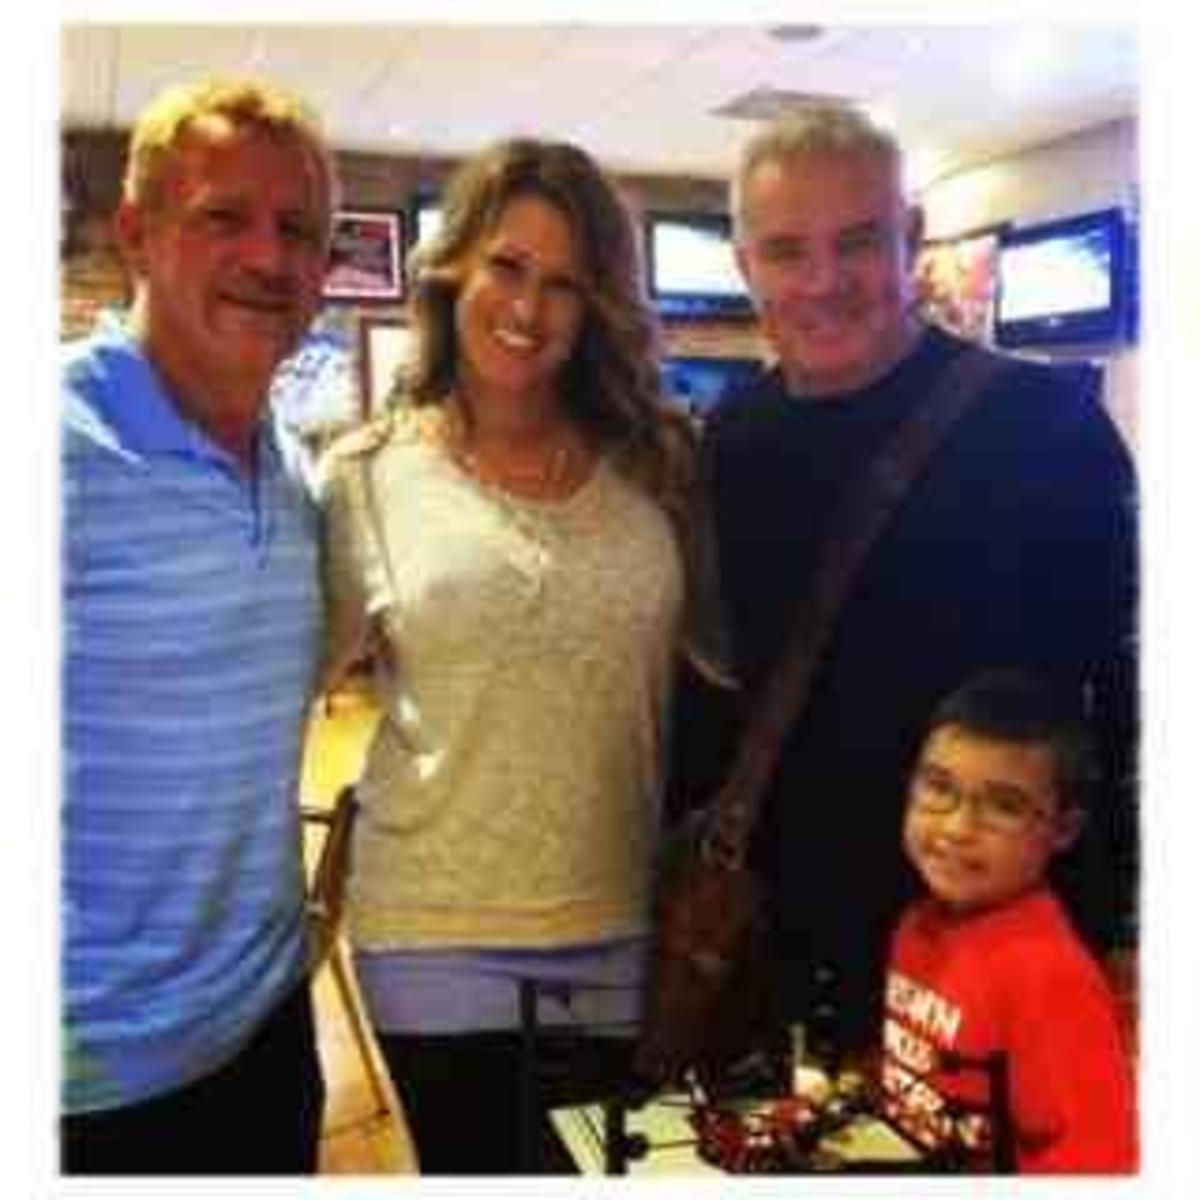 Jarretts & Eric Bischoff